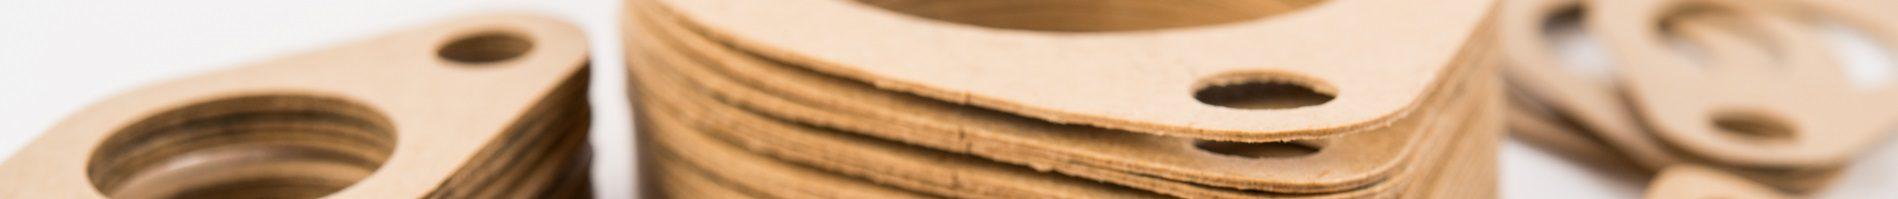 Cork Gaskets | Stephens Gaskets Ltd | Gasket Manufacturer